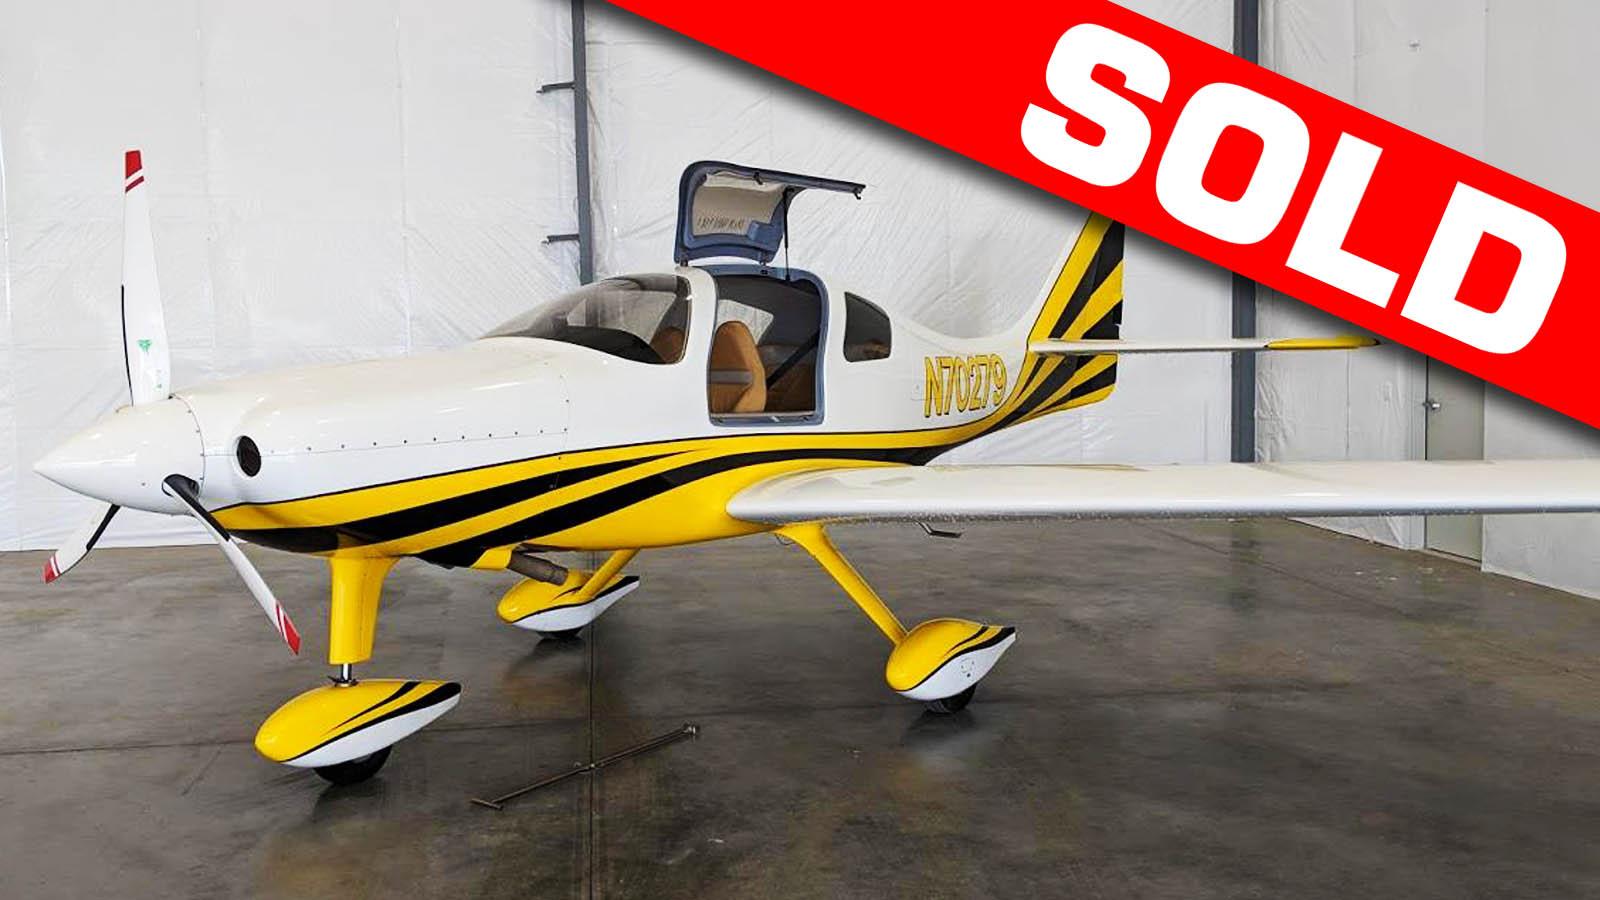 N70279_sold_banner